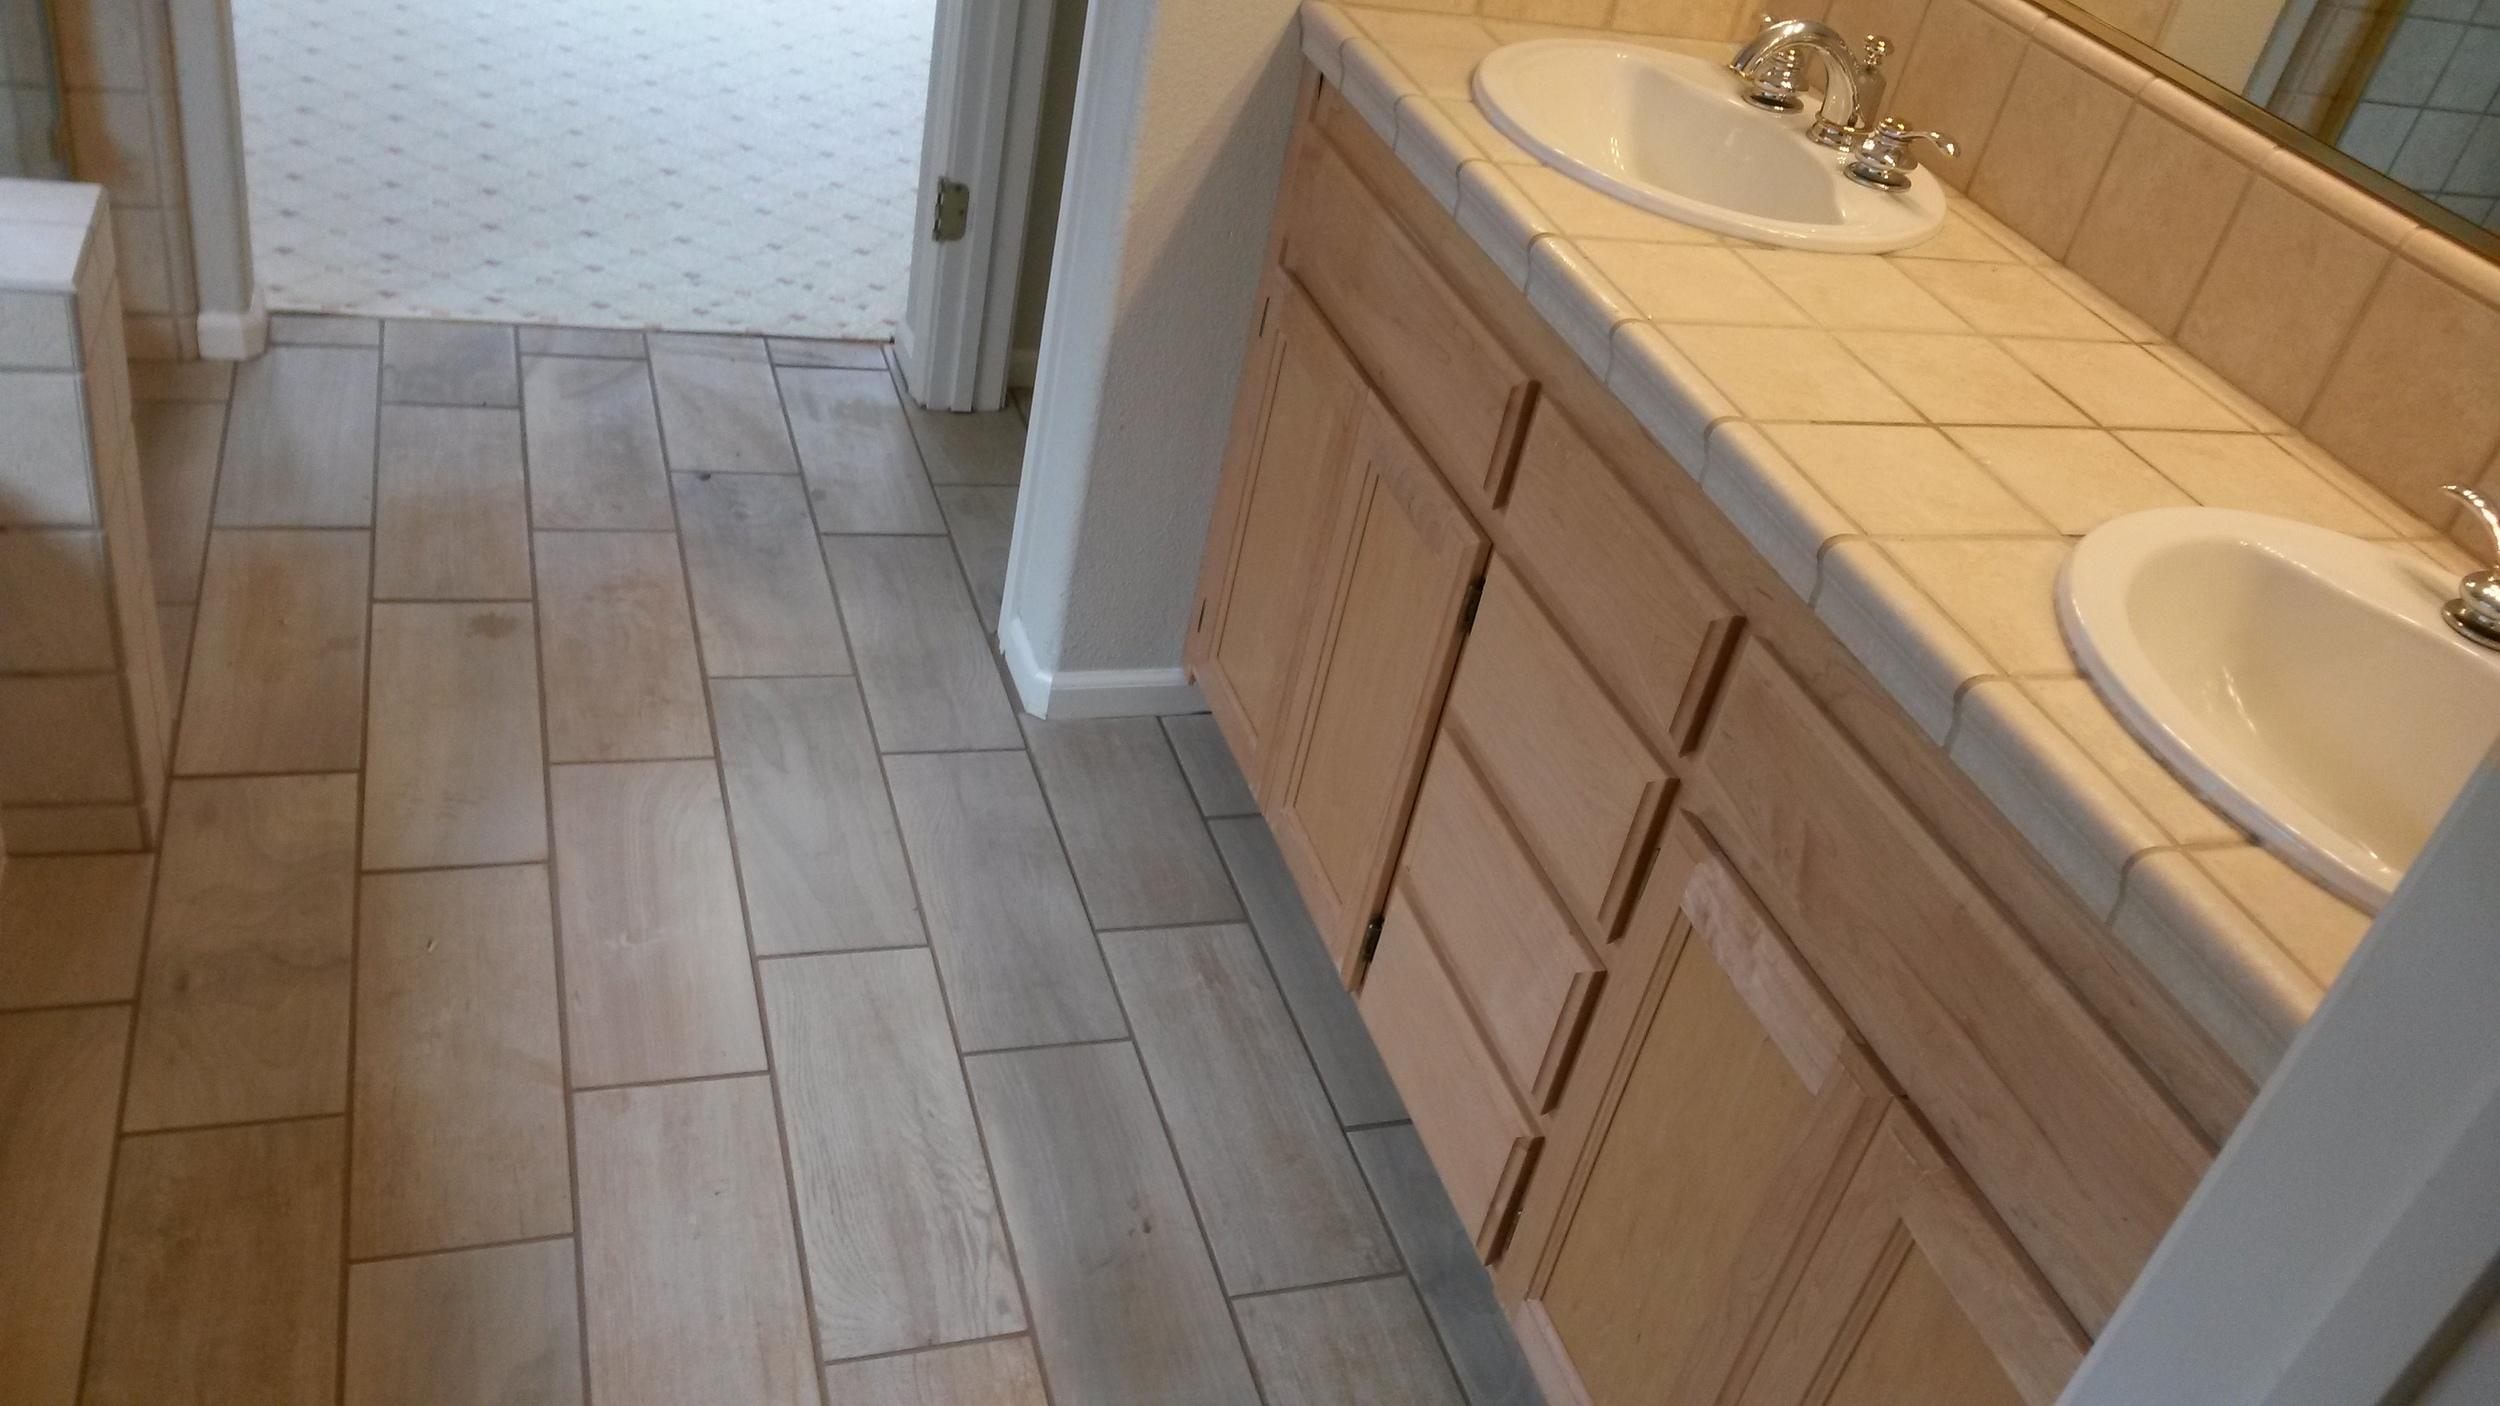 MSTR Bath Floor and Vanity Top View.jpg